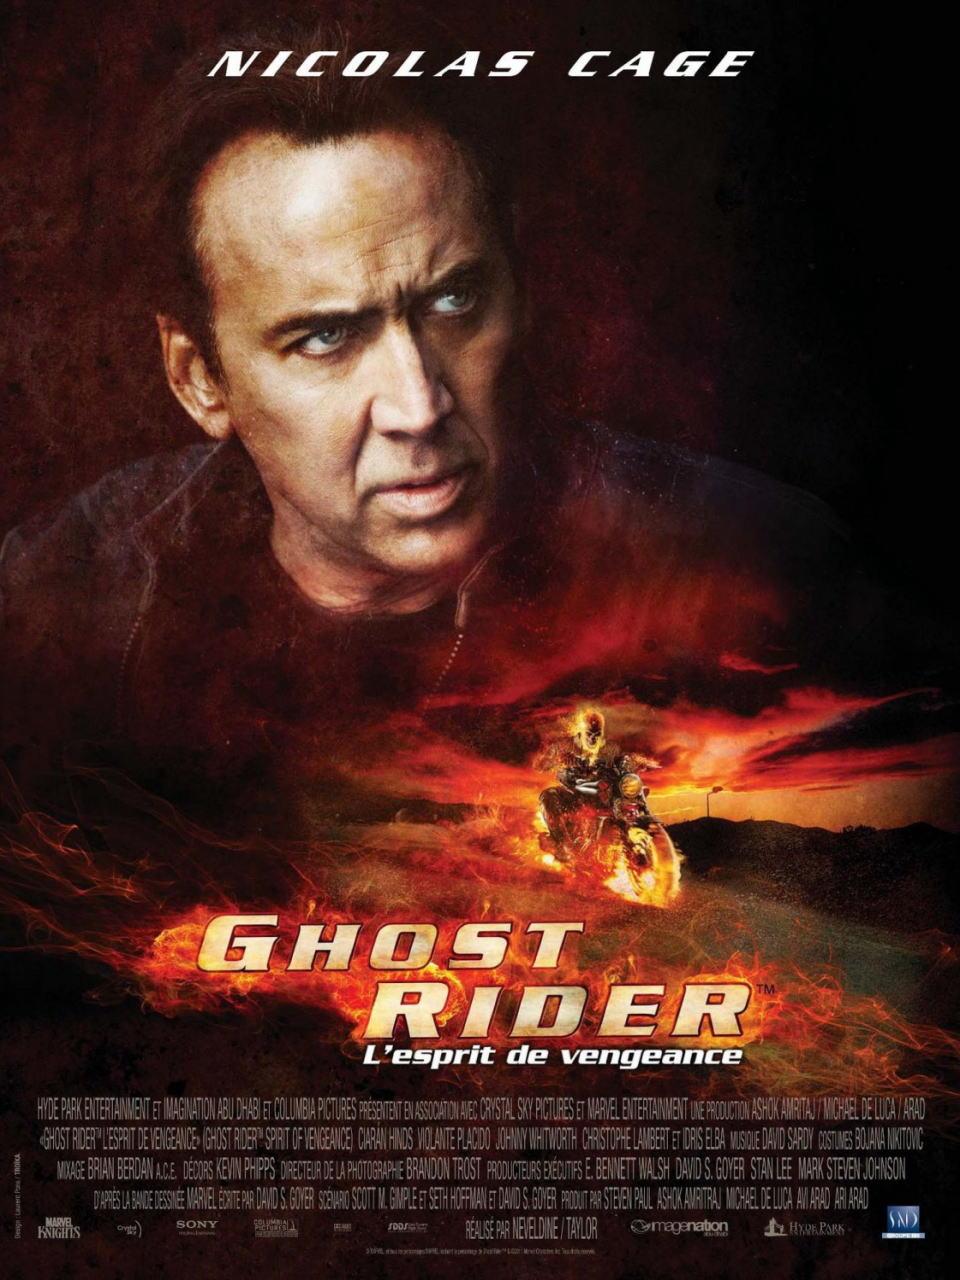 映画『ゴーストライダー2 GHOST RIDER: SPIRIT OF VENGEANCE』ポスター(5)▼ポスター画像クリックで拡大します。